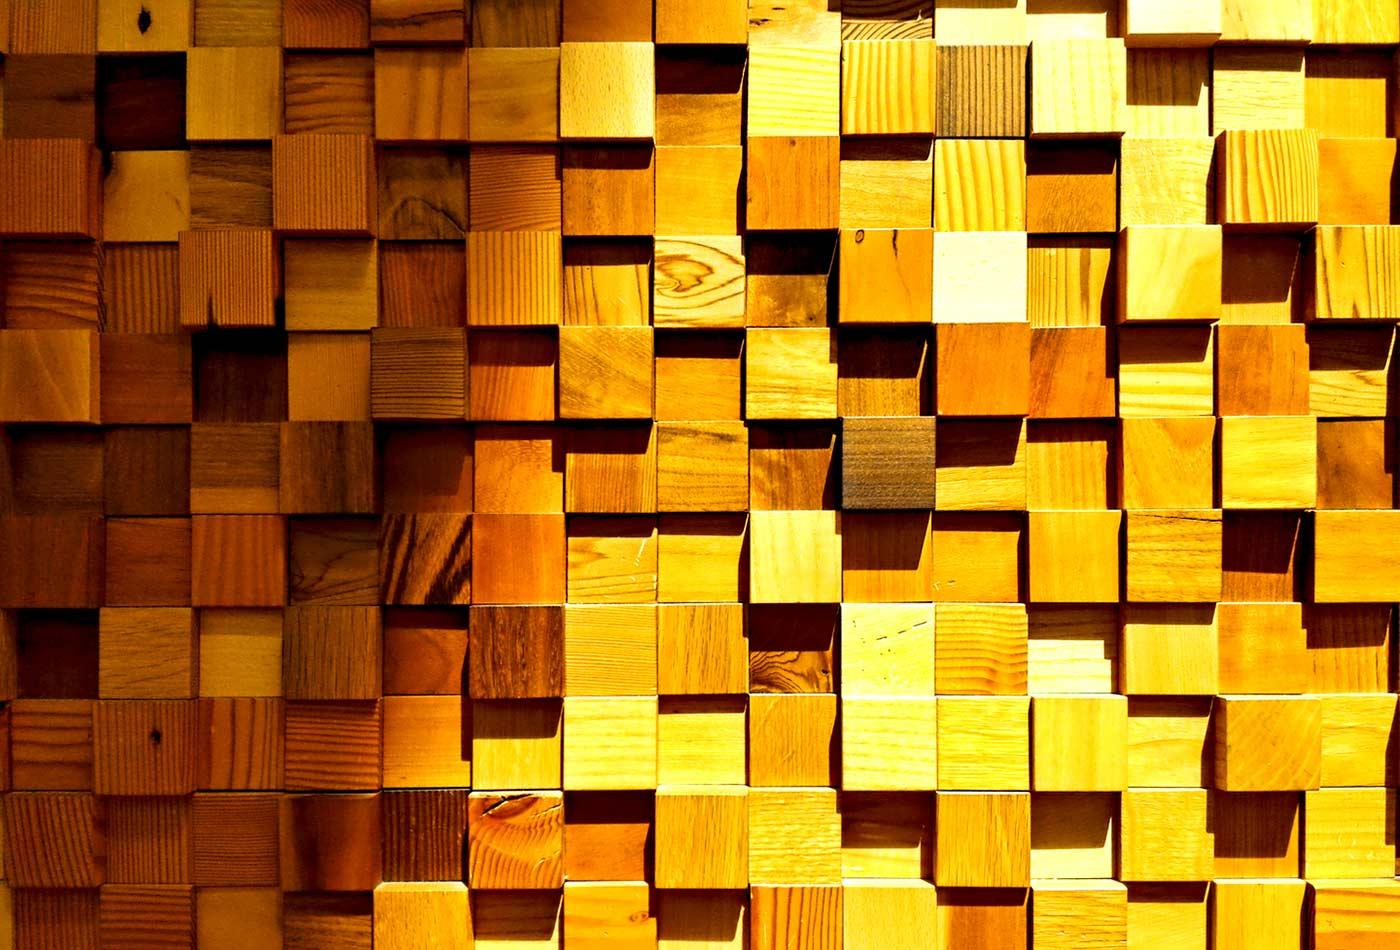 Cubes.